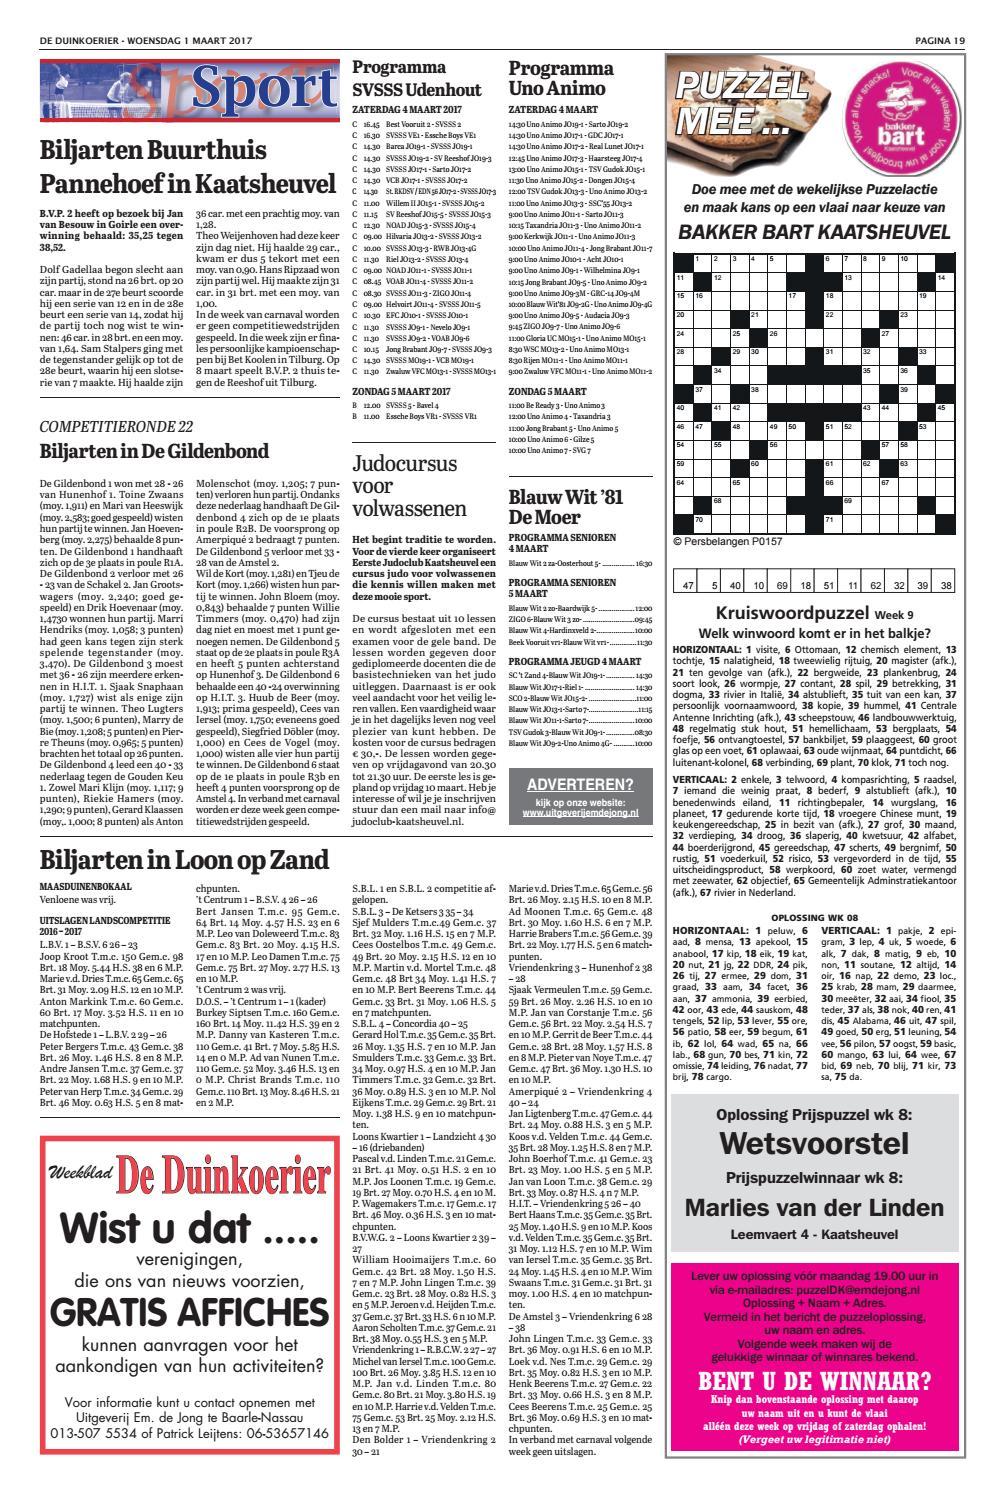 De Duinkoerier 01-03-2017 by Uitgeverij Em de Jong - issuu fae44194c97c